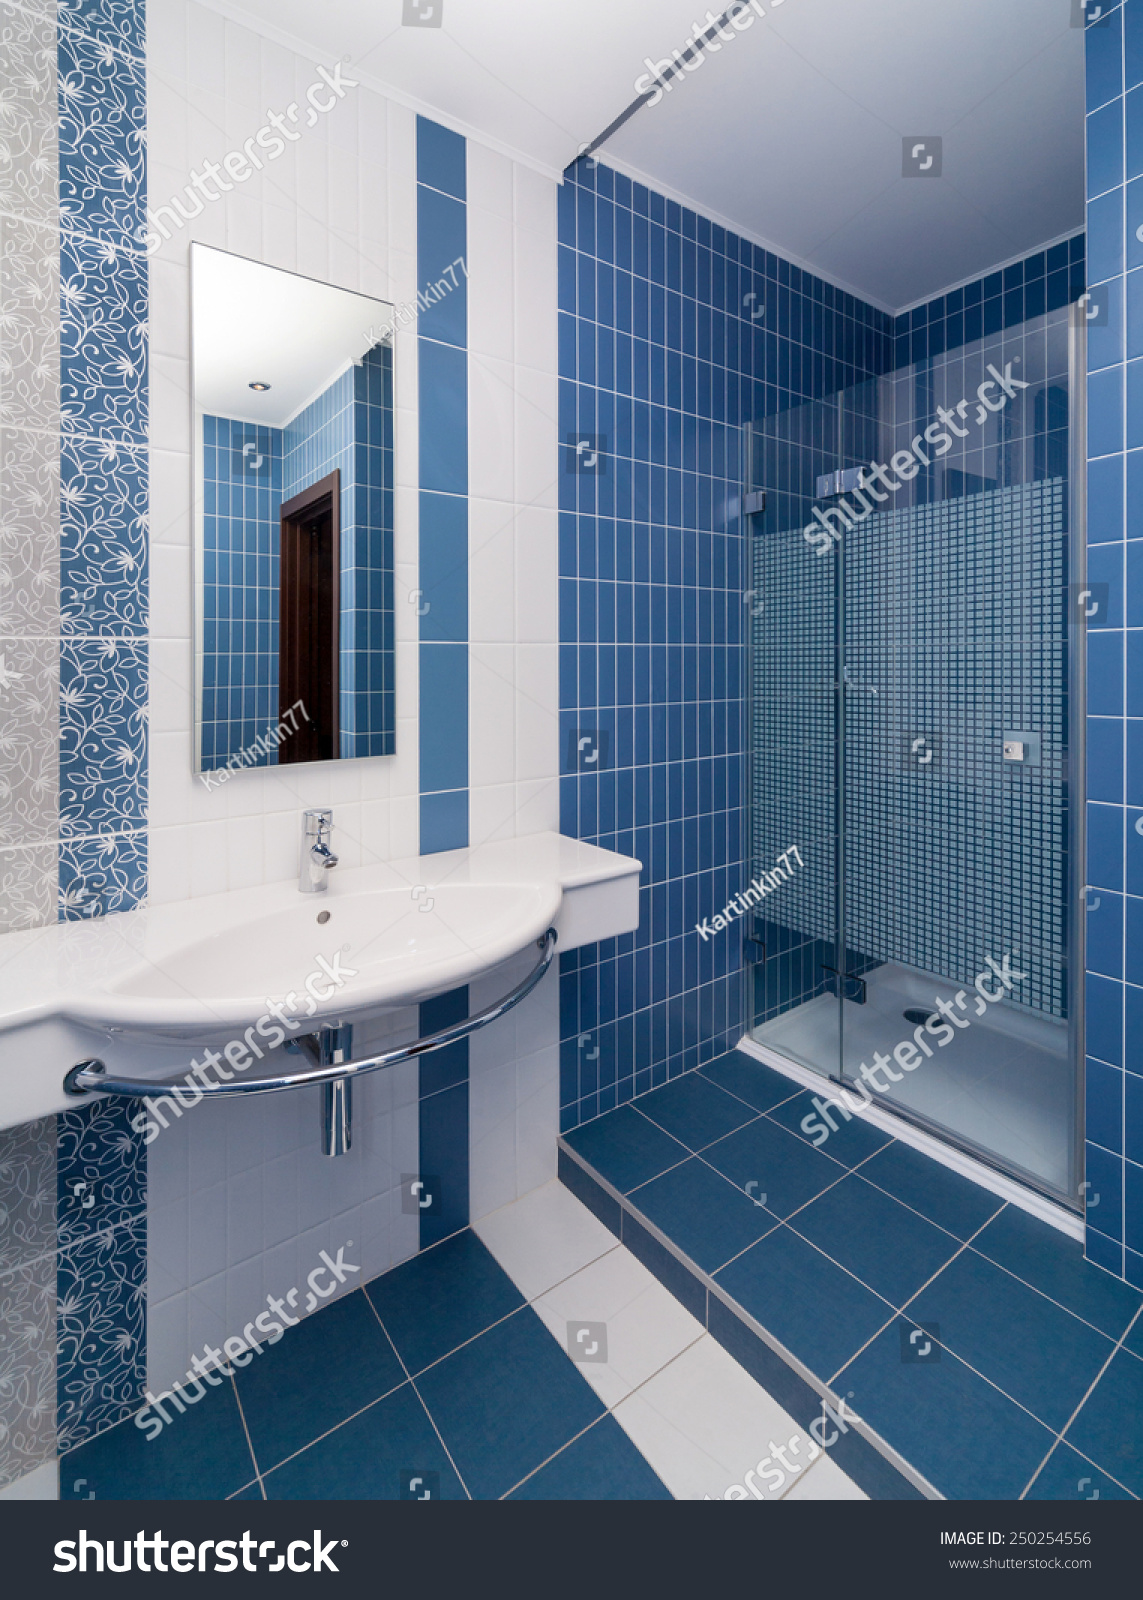 Modern Bathroom Tiled White Blue Tiles Stock Photo (Edit Now ...